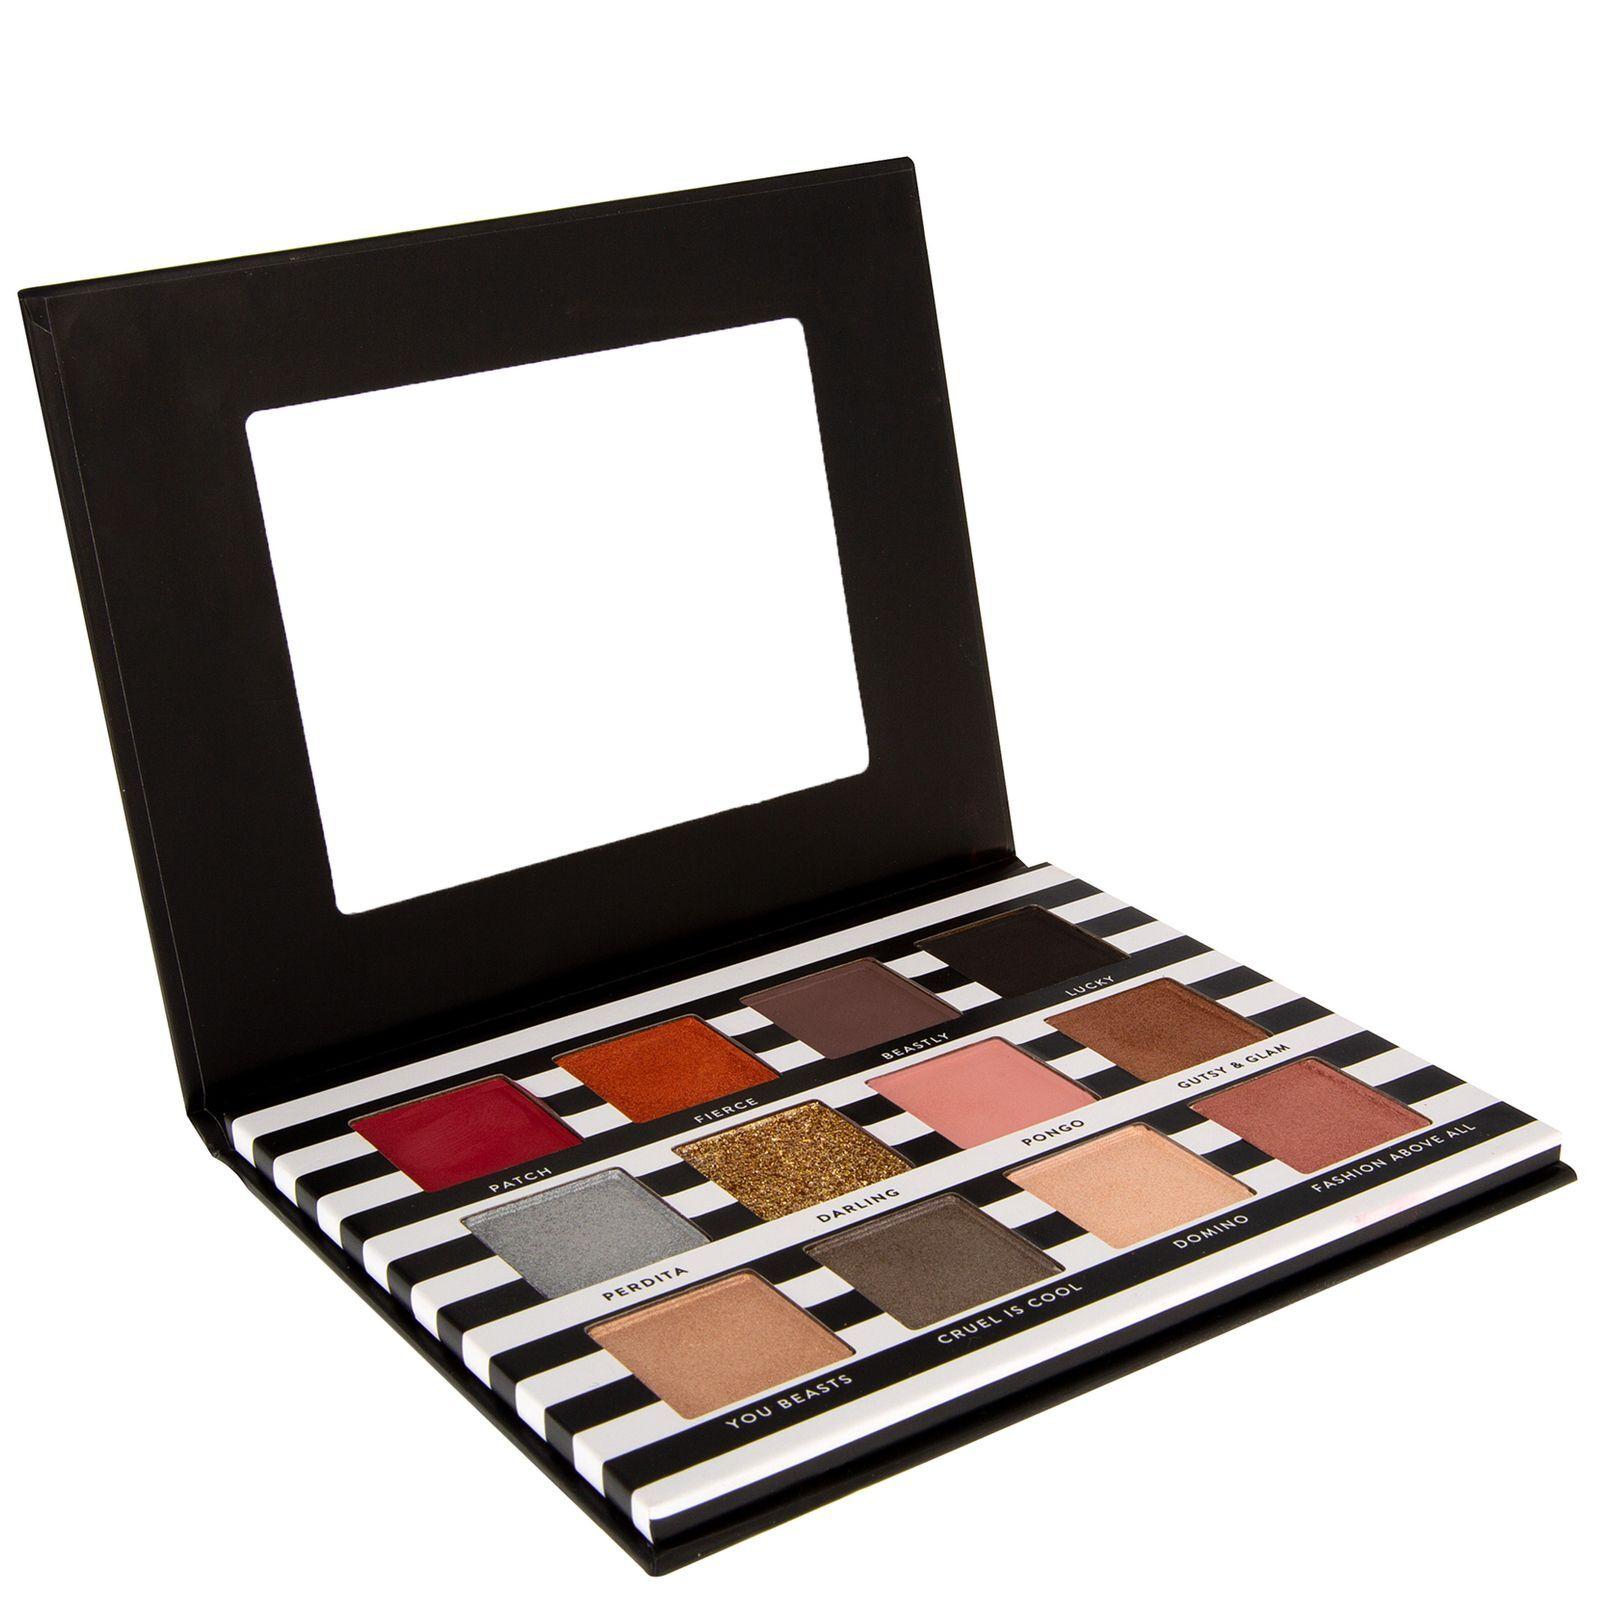 Mad Beauty - Disney Cruella De Vil Eyeshadow Palette for Women